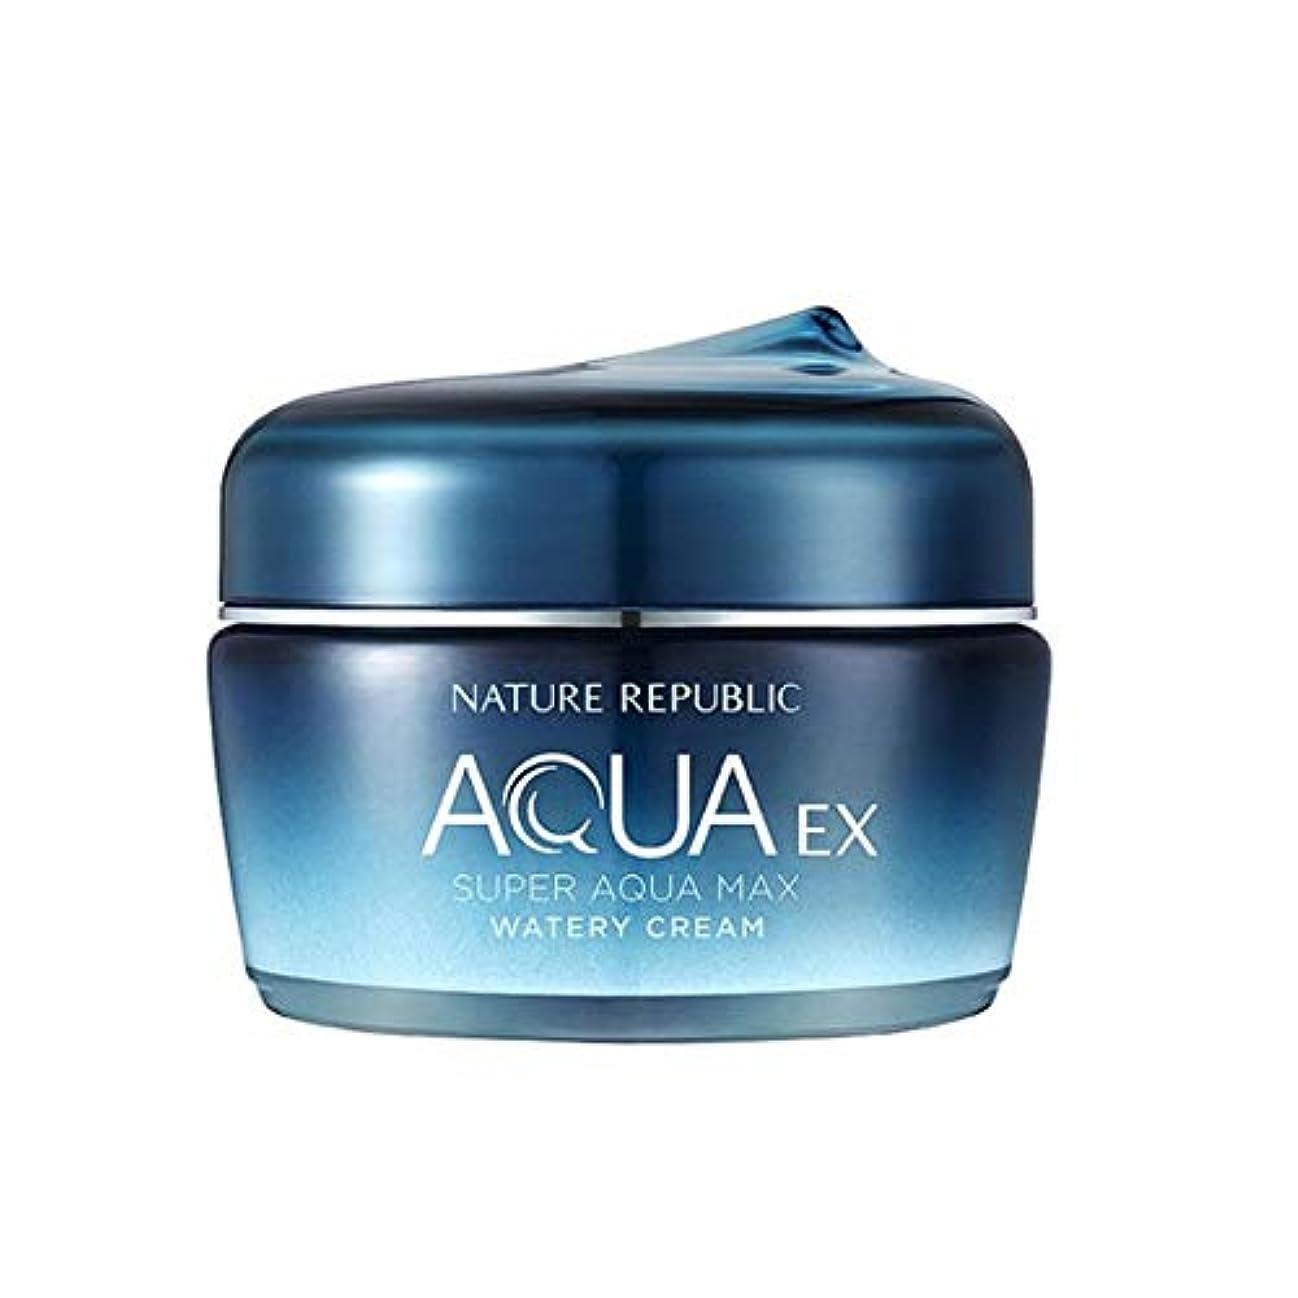 抹消変更液化するネイチャーリパブリックスーパーアクアマックスEX水分クリーム80ml韓国コスメ、Nature Republic Super Aqua Max EX Watery Cream 80ml Korean Cosmetics [...